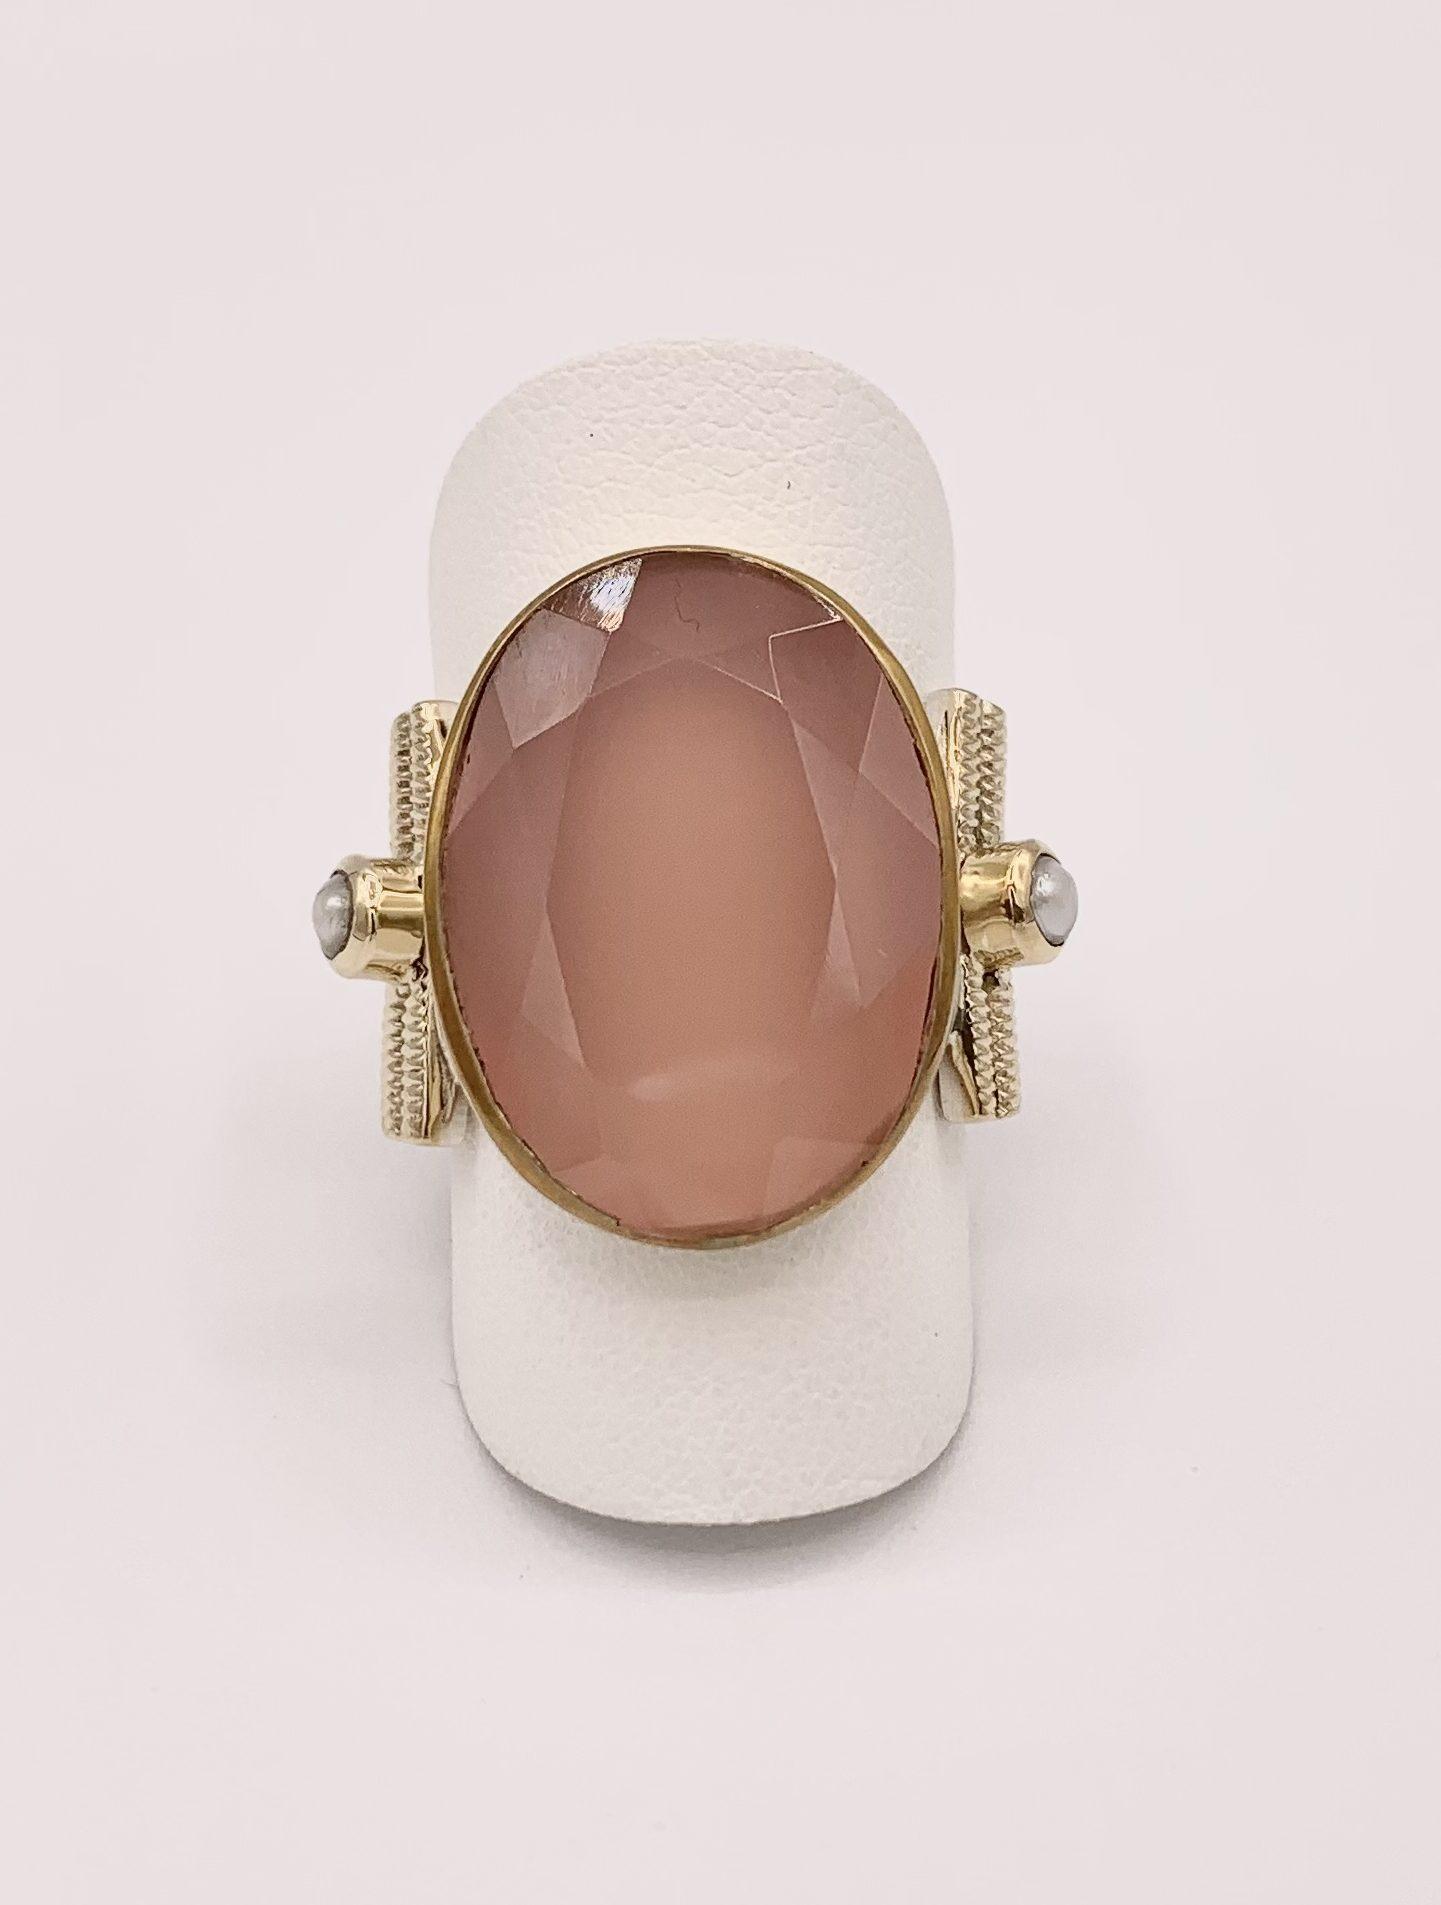 Bague Canyon Gabin 2 | Marie K boutique de bijoux en argent